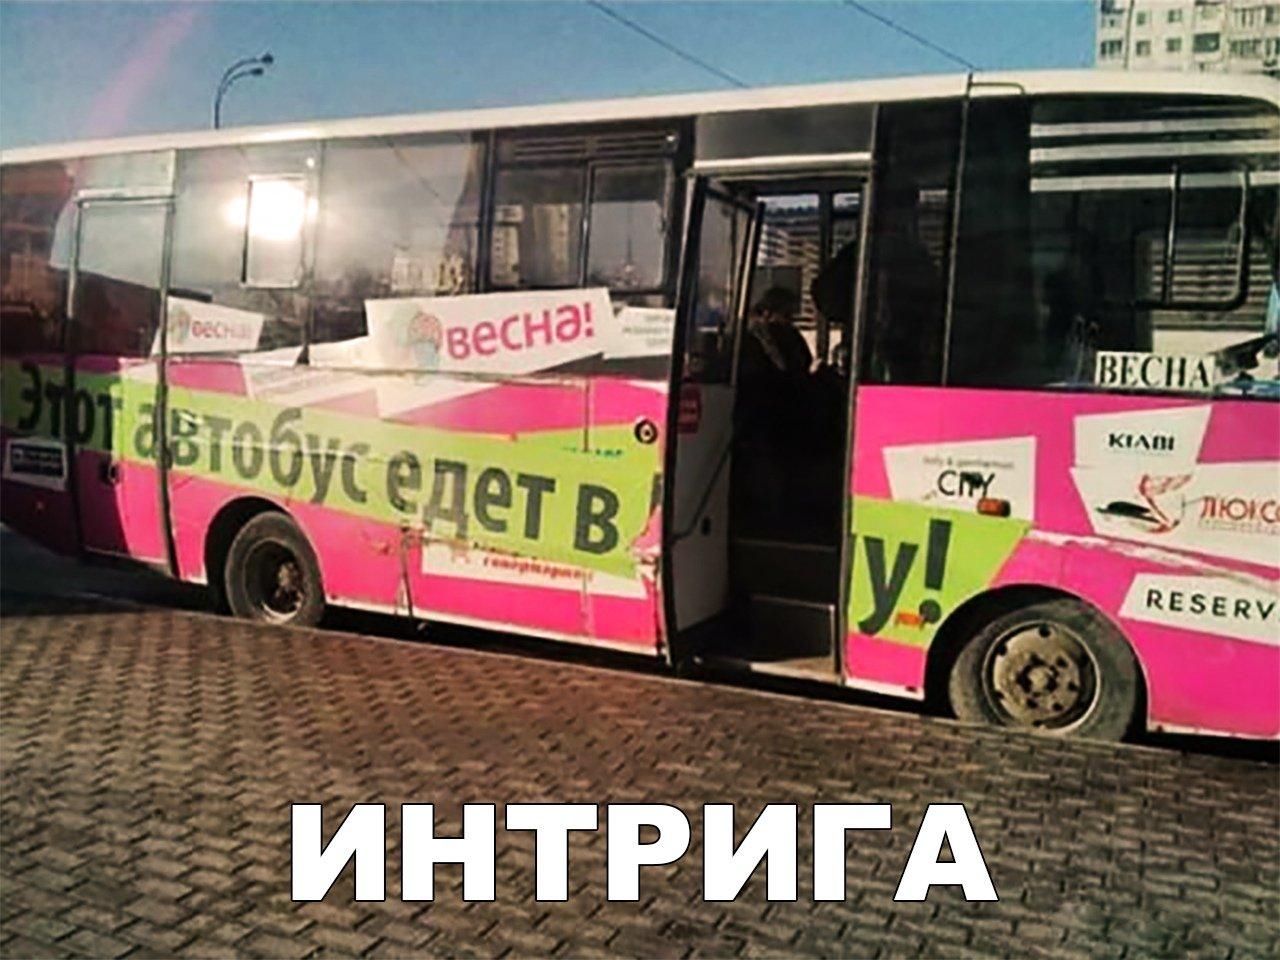 Смешные надписи с картинками из автобуса, украине